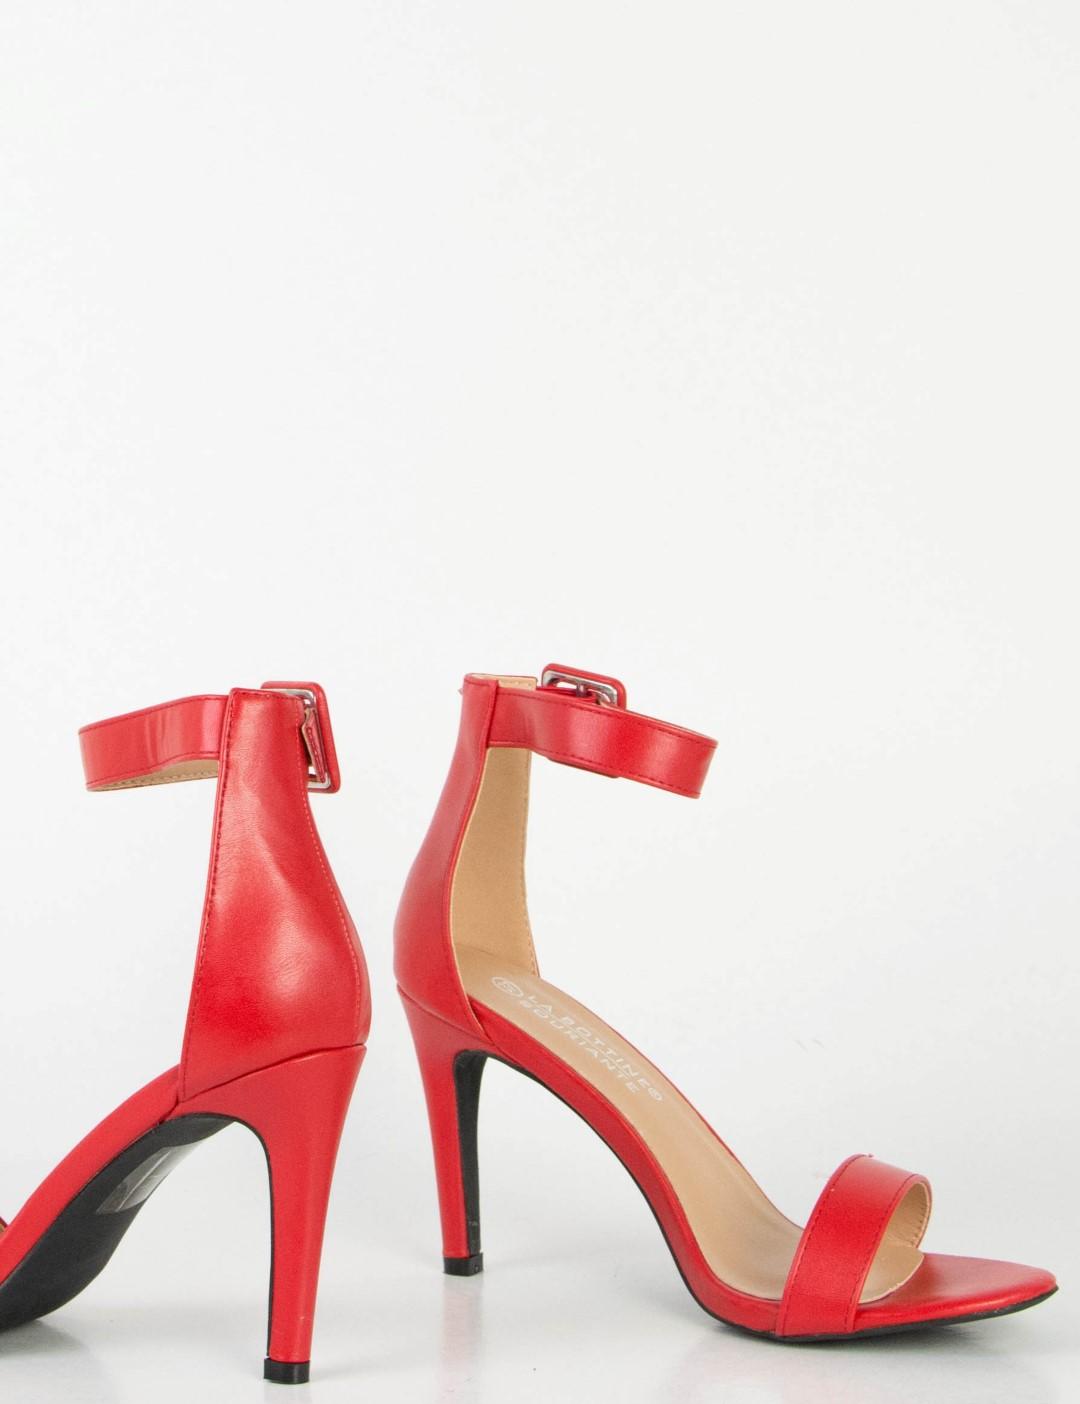 264dd9d90c0 Γυναικεία κόκκινα πέδιλα δερματίνη τόκα μπαρέτα 0355L